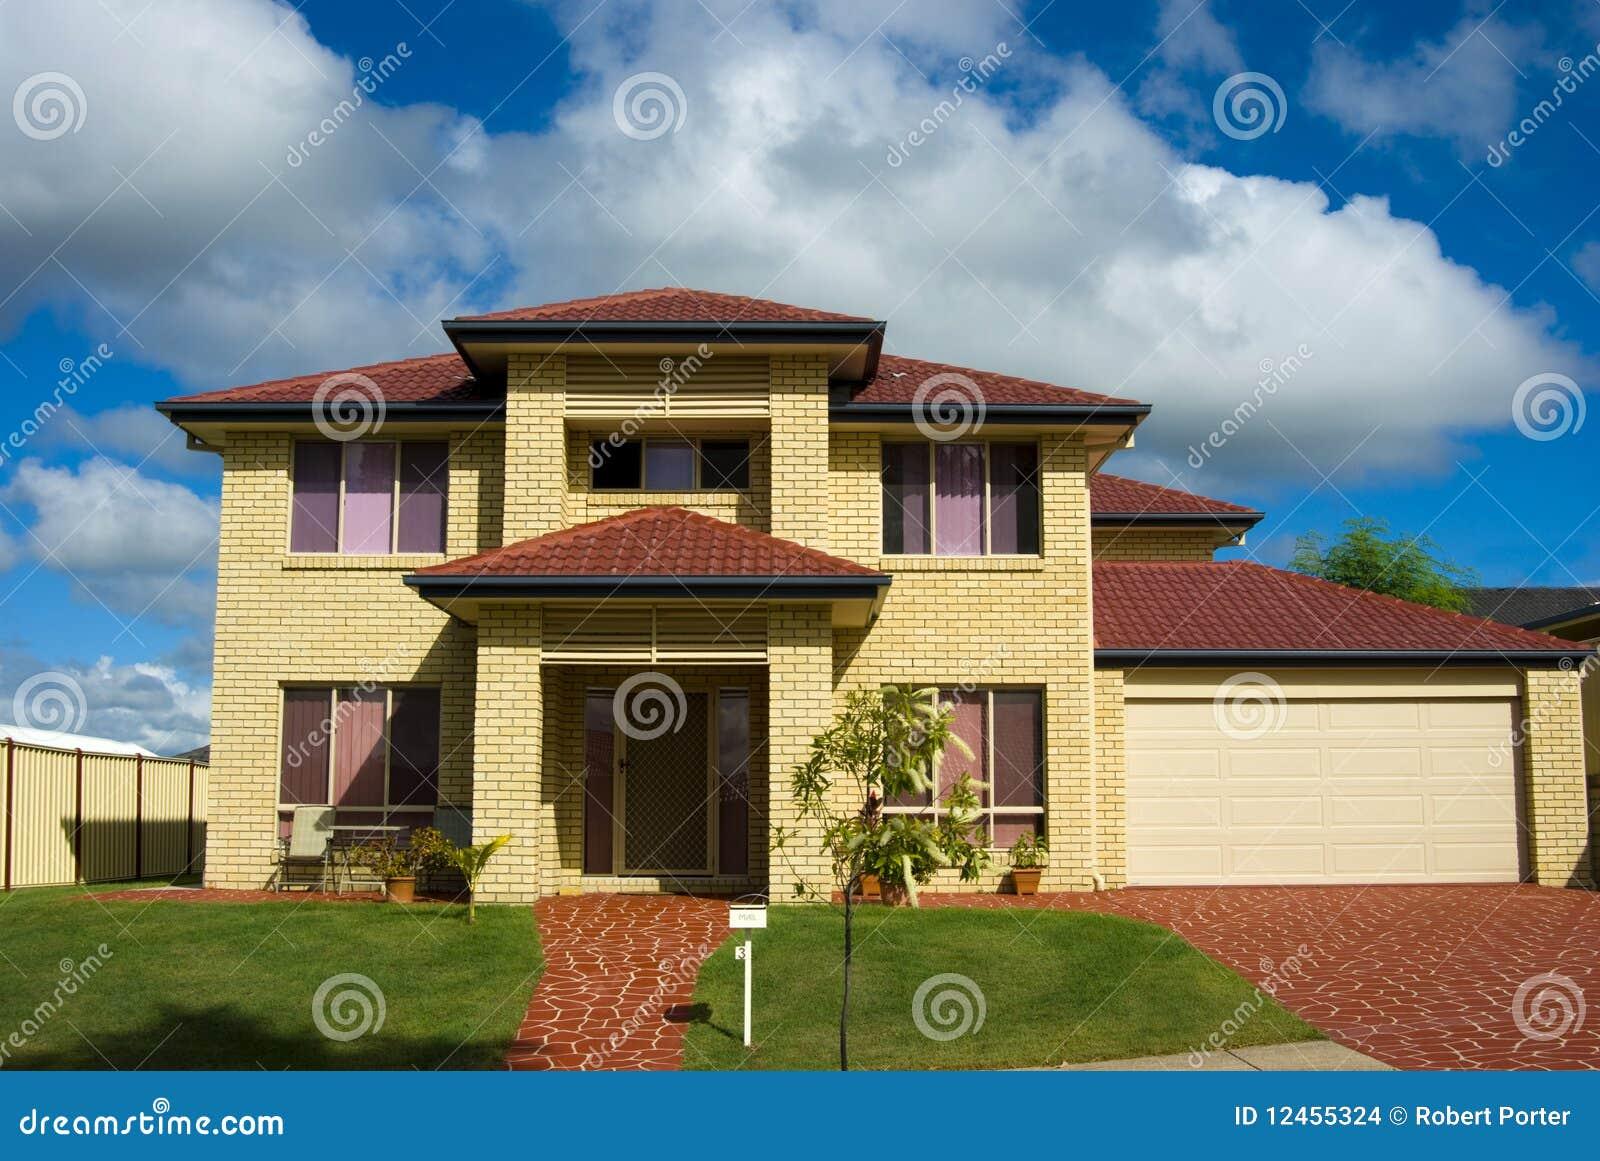 Modernes Haus Stockfoto Bild Von Zaun Gras Farbe Haupt 12455324